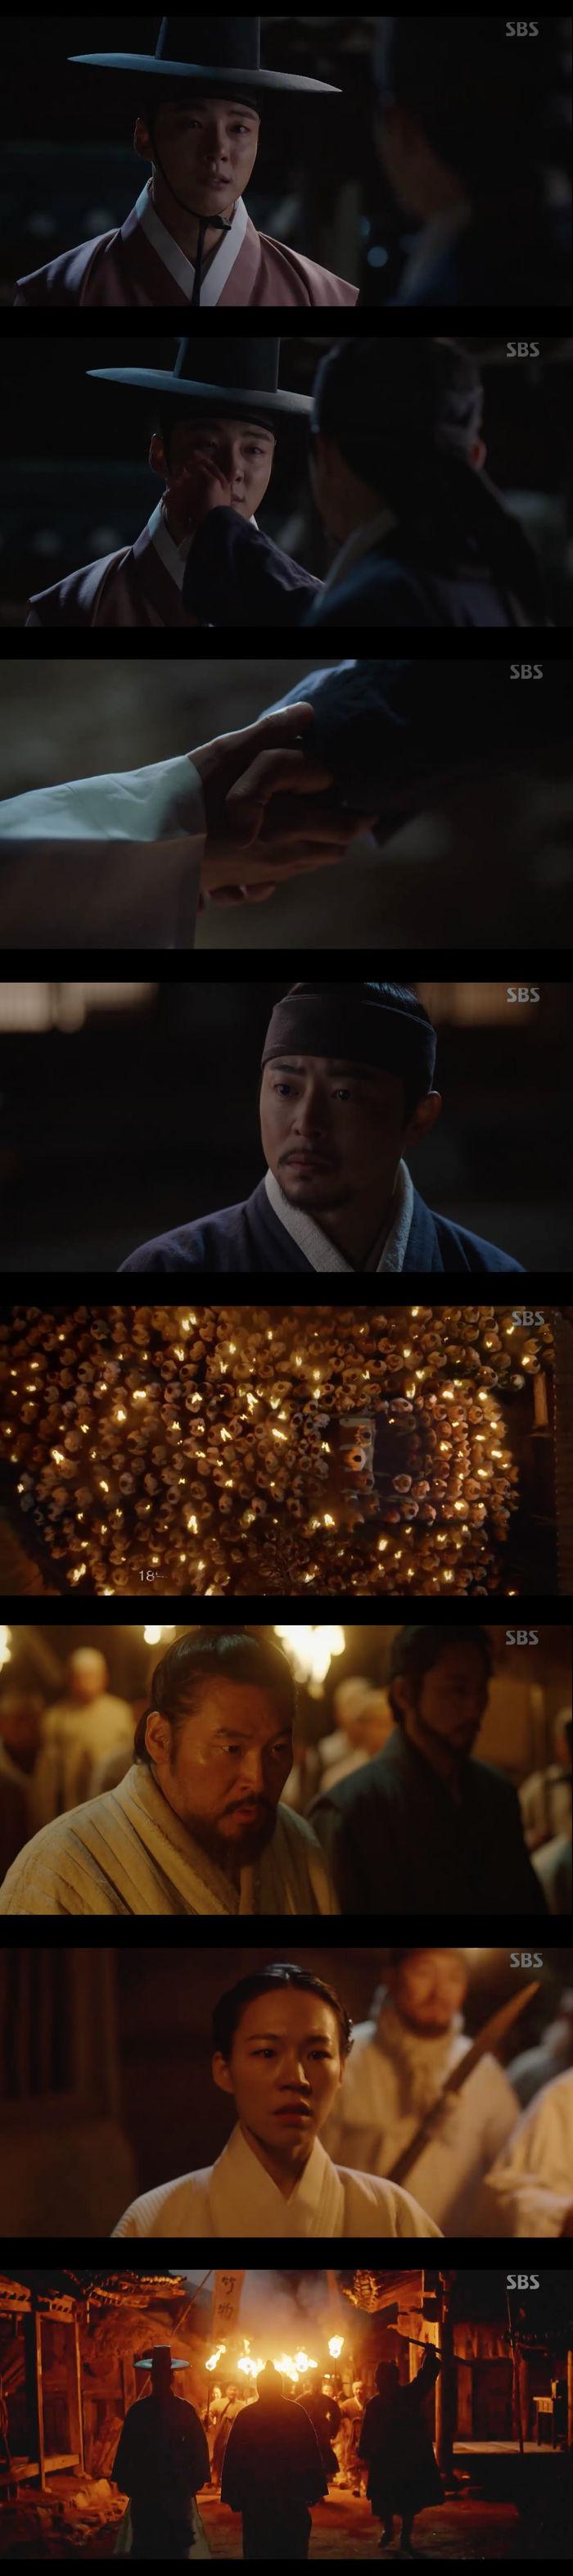 """[스브스夜] '녹두꽃' 윤시윤, 조정석에 """"늘 미안했다"""" 엇갈린 운명…최무성, 고부민란 봉기"""